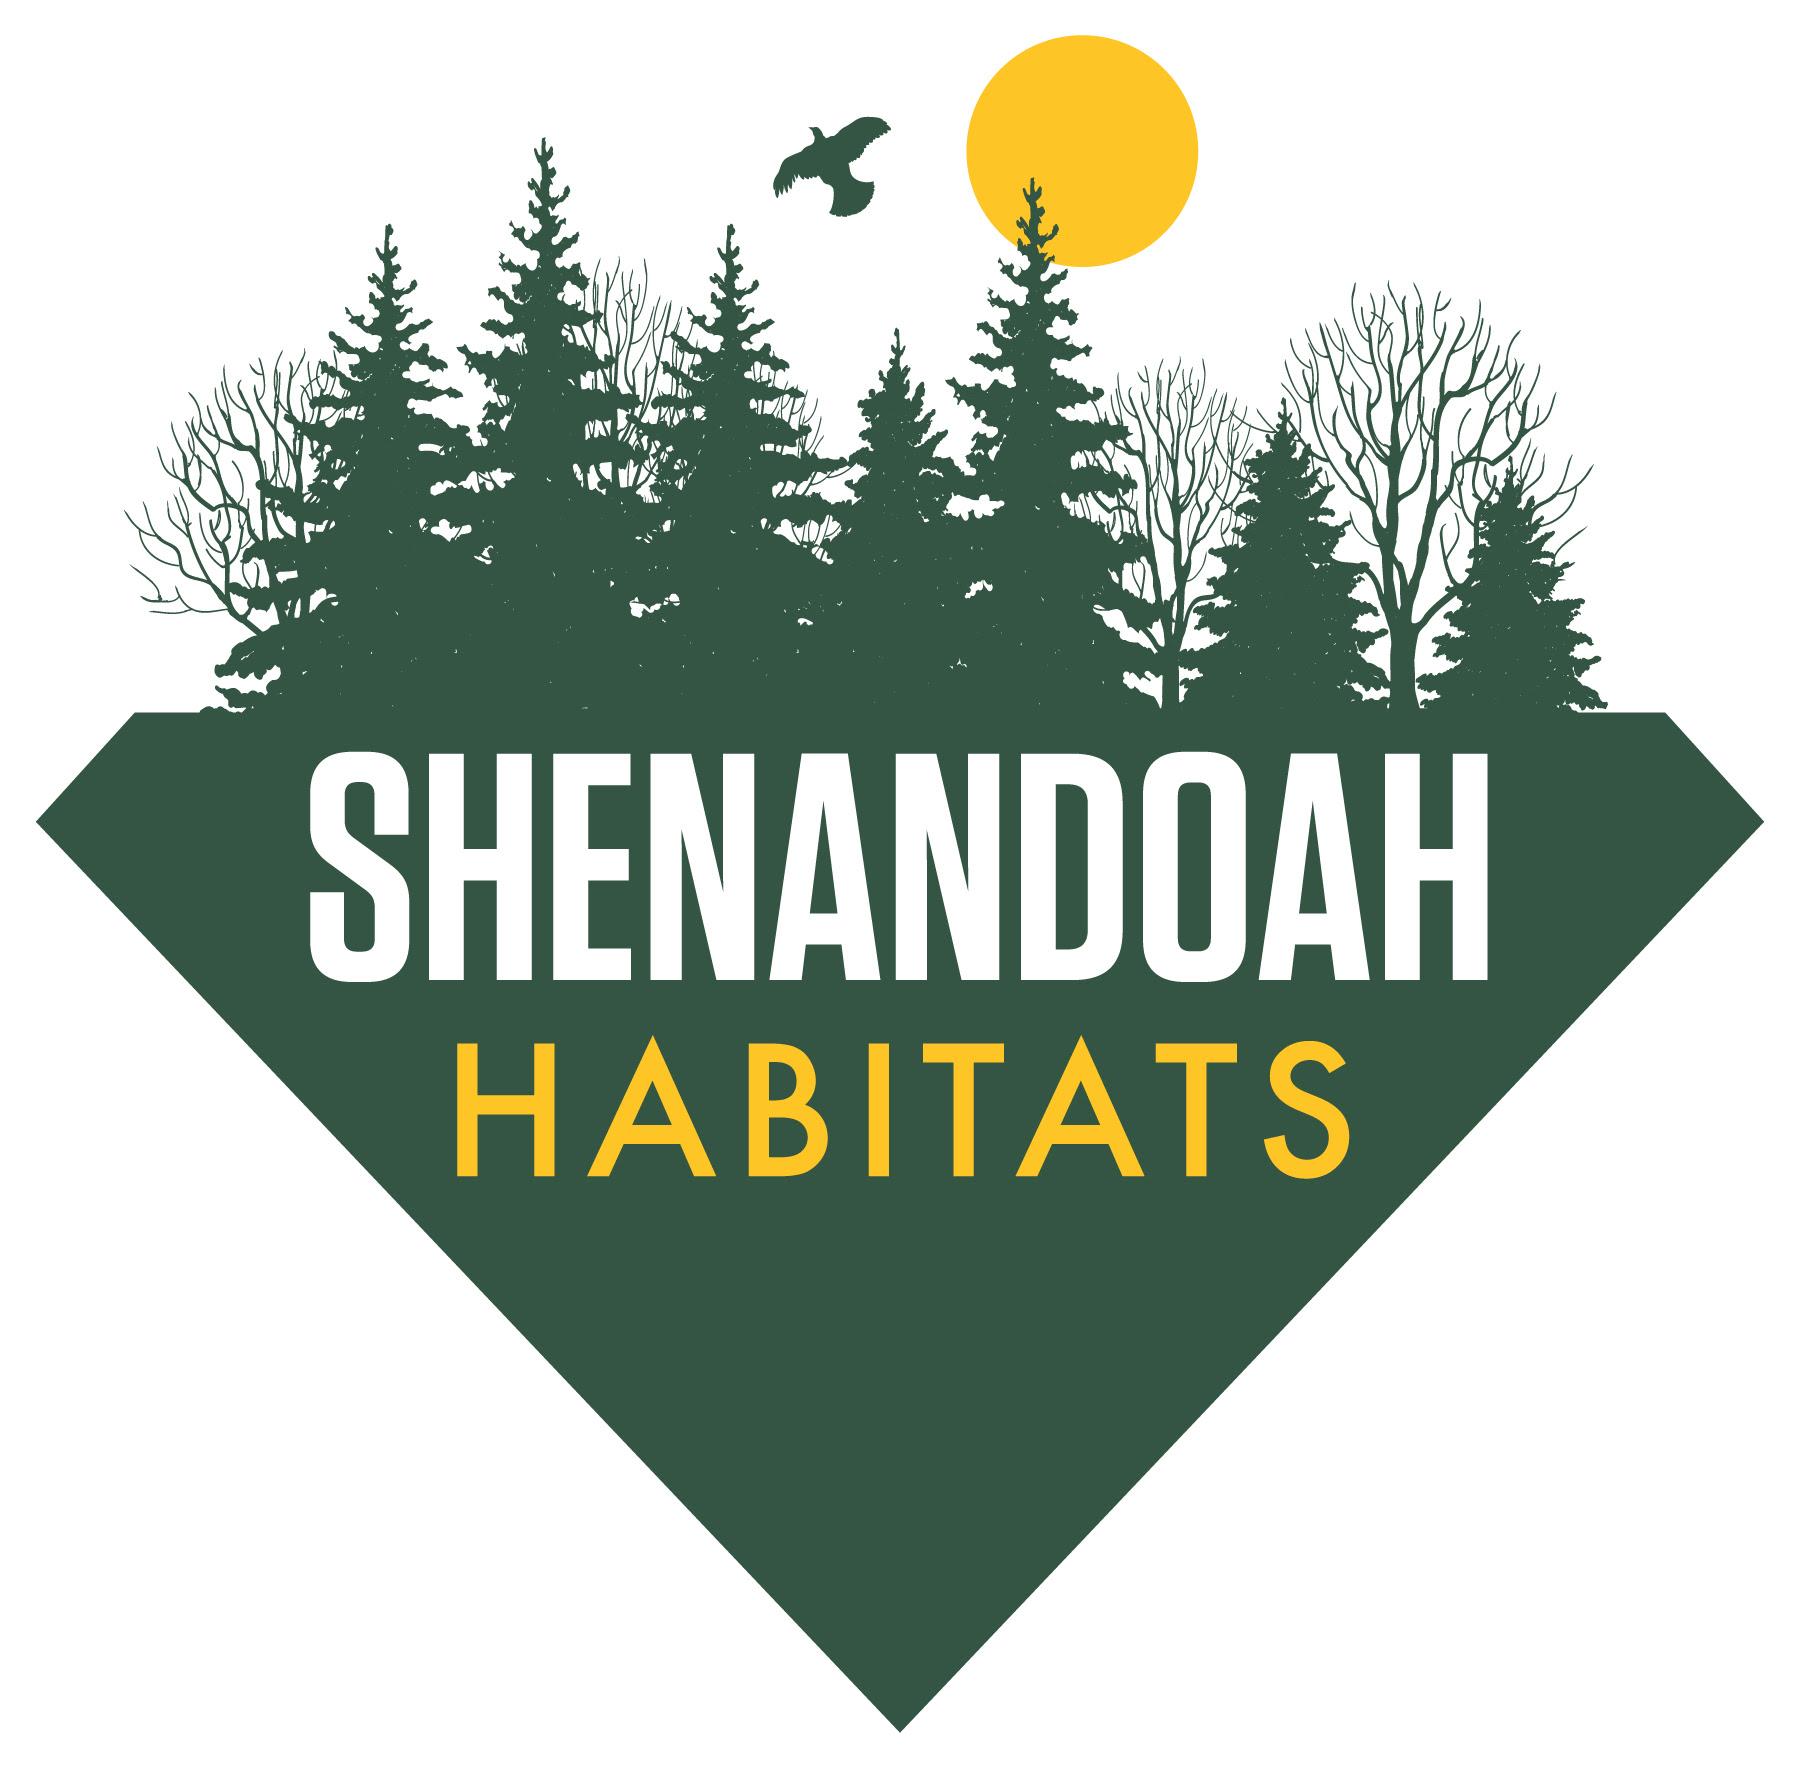 Shenandoah Habitats